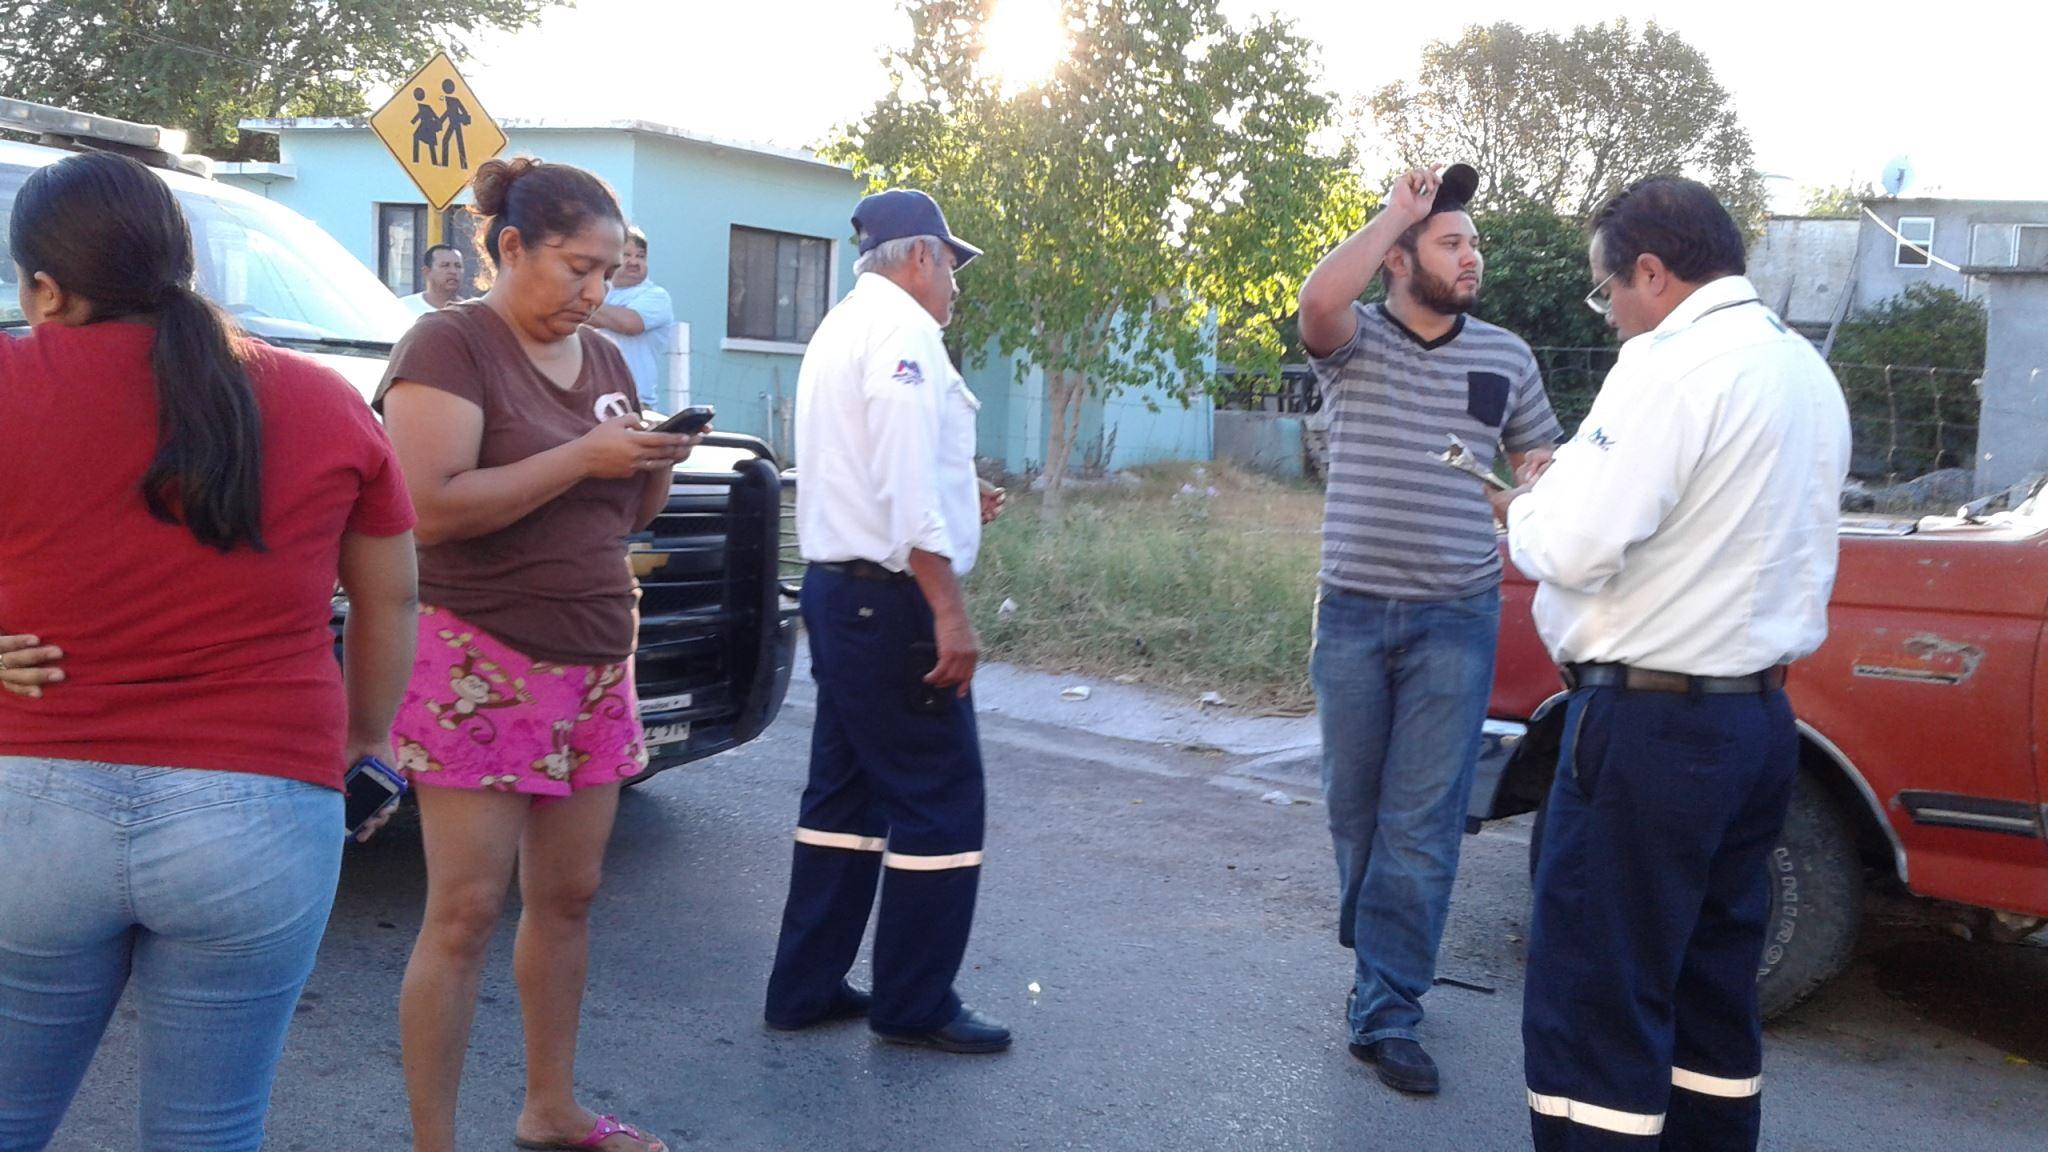 AFECTADOS. Vecinos de la colonia Sarabia que resultaron afectados con daños en sus unidades durante la carambola y volcadura, exigían la detención del par de ebrias mujeres responsables.(foto: Heriberto Rodríguez)